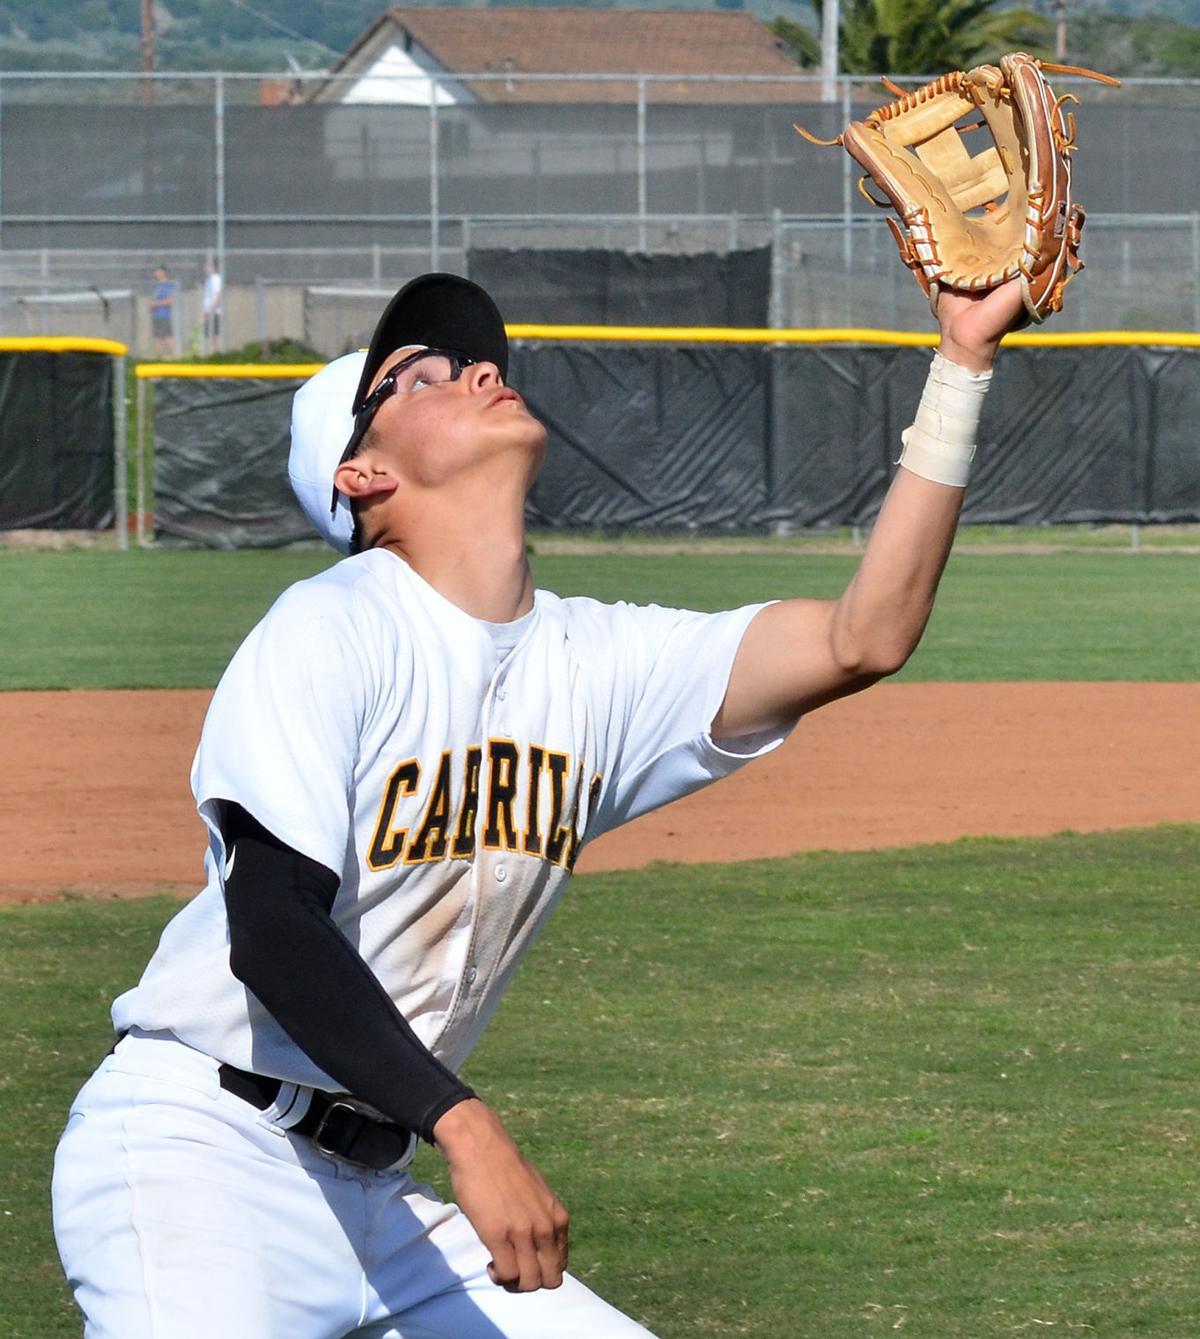 032919 Lompoc v Cabrillo Baseball 07.JPG